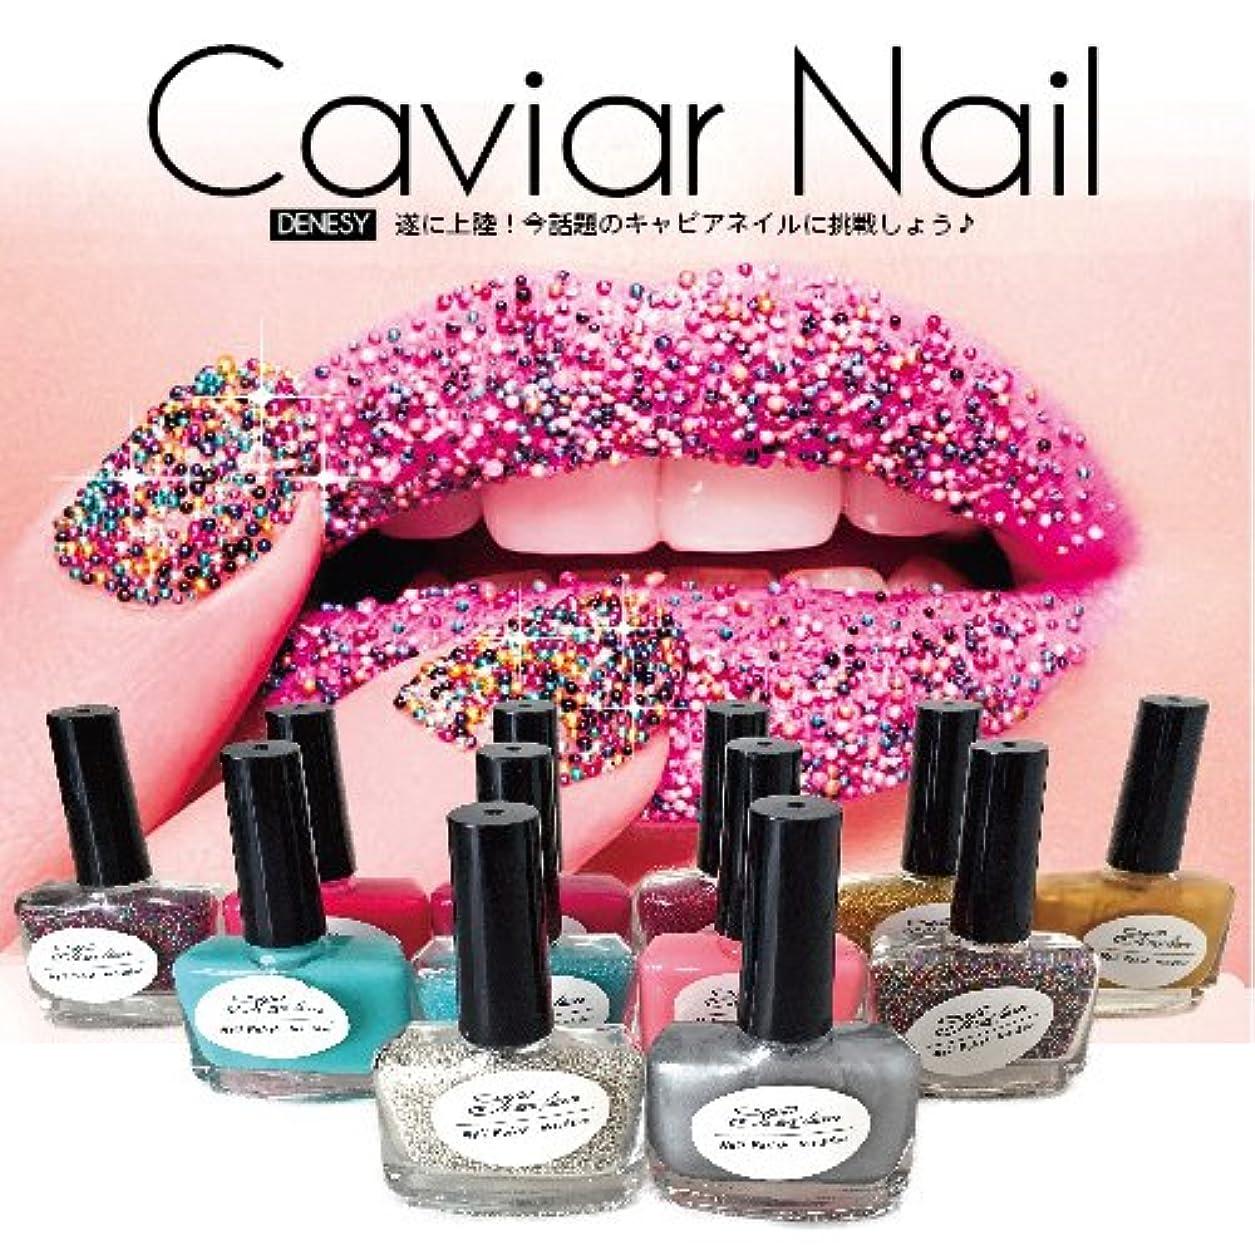 支配する緩むターゲットキャビアネイル DENESY Caviar Nail (3点セット)NEWリニューアル 08:グリーン [マニキュア ネイルカラー ネイルポリッシュ SHANTI Caviar Manicure kit]